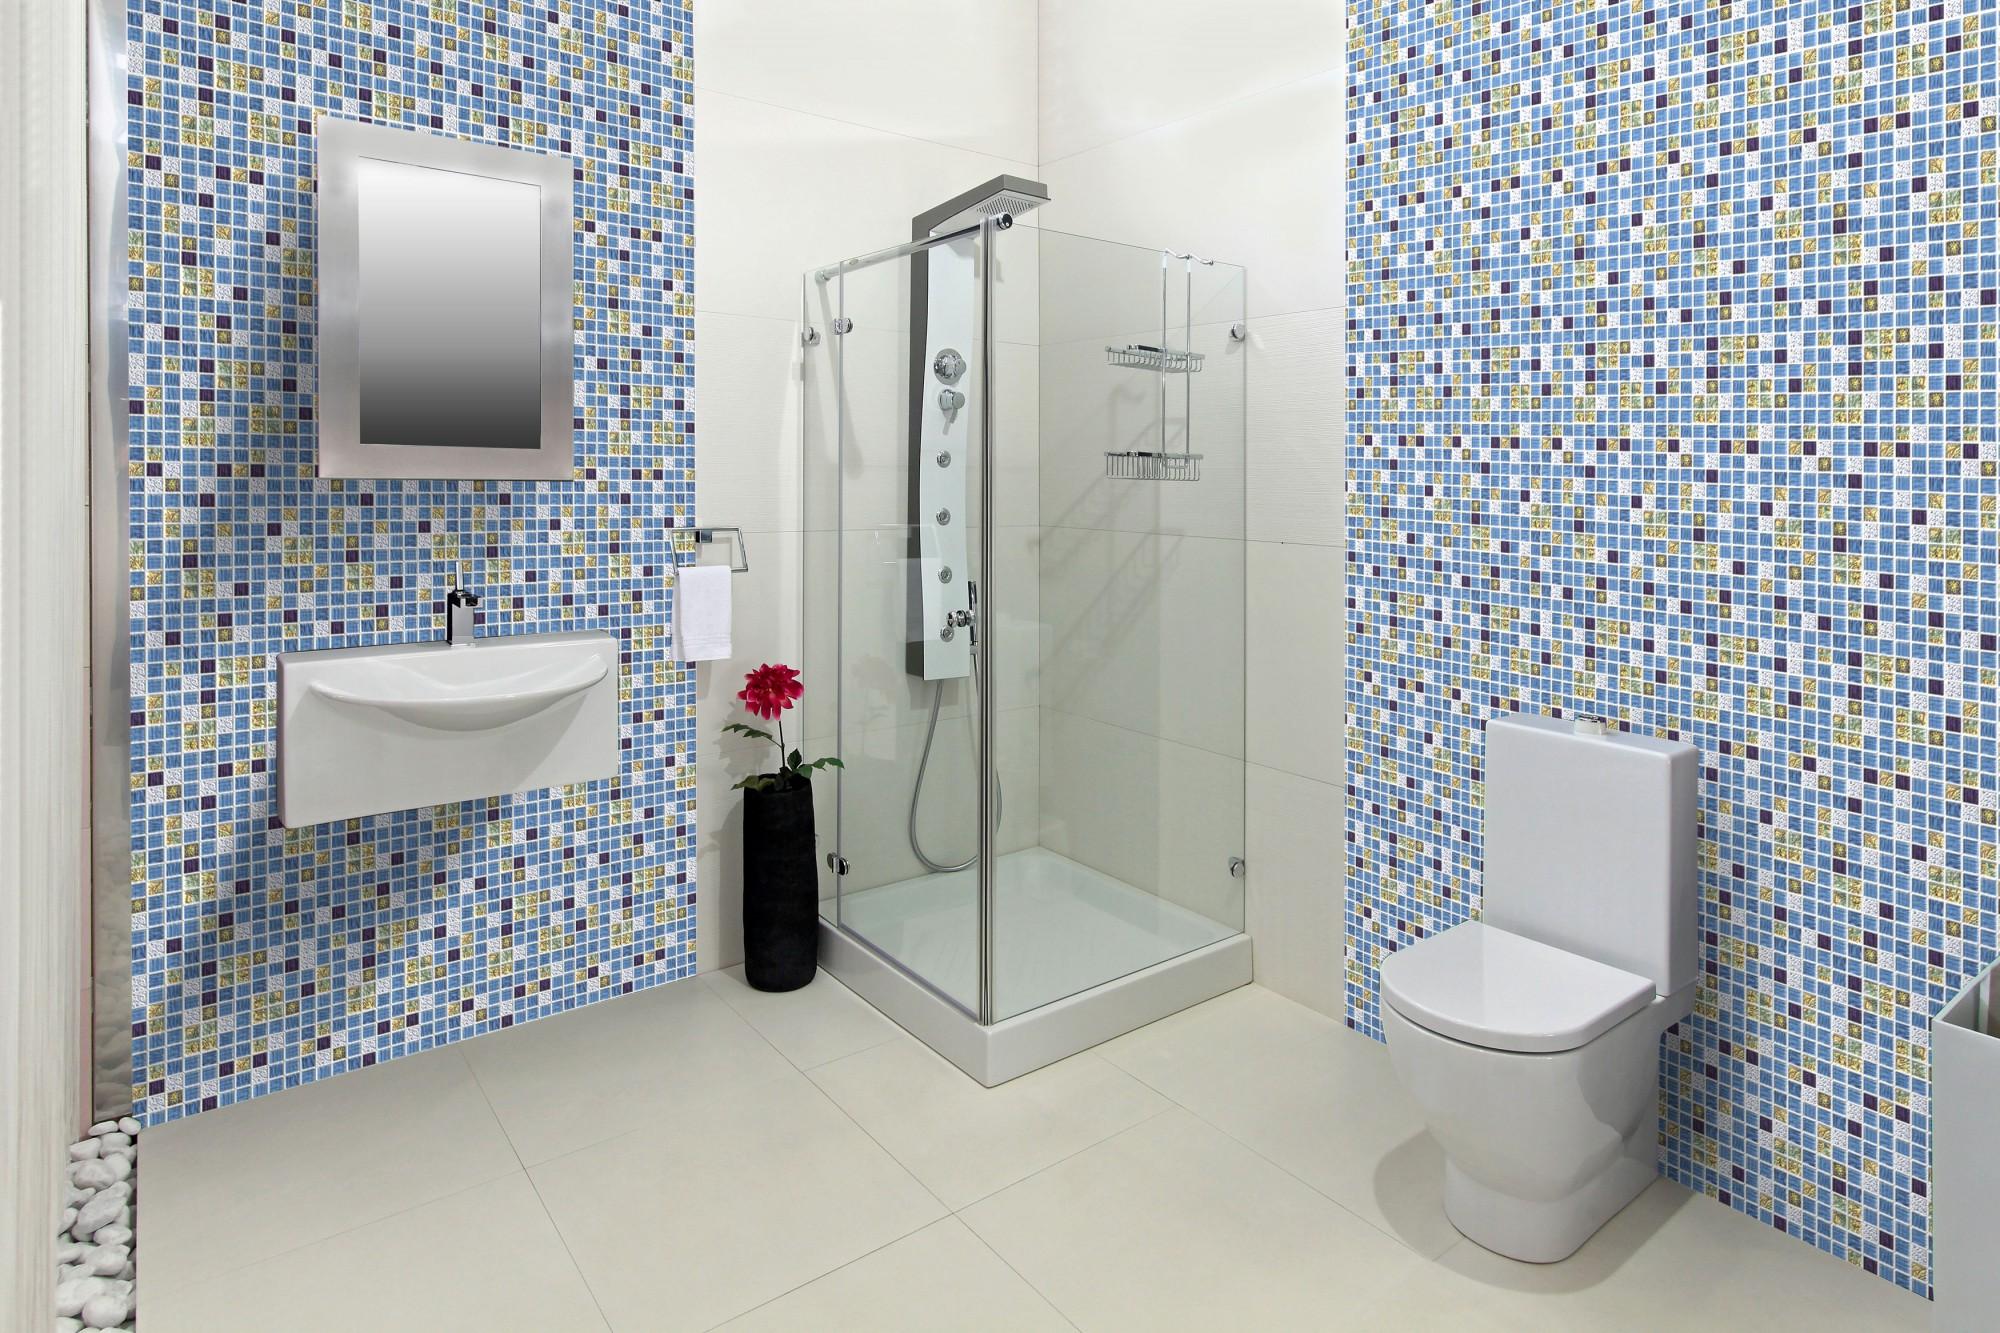 1 pvc dekorplatte mosaic wandverkleidung platten wand. Black Bedroom Furniture Sets. Home Design Ideas